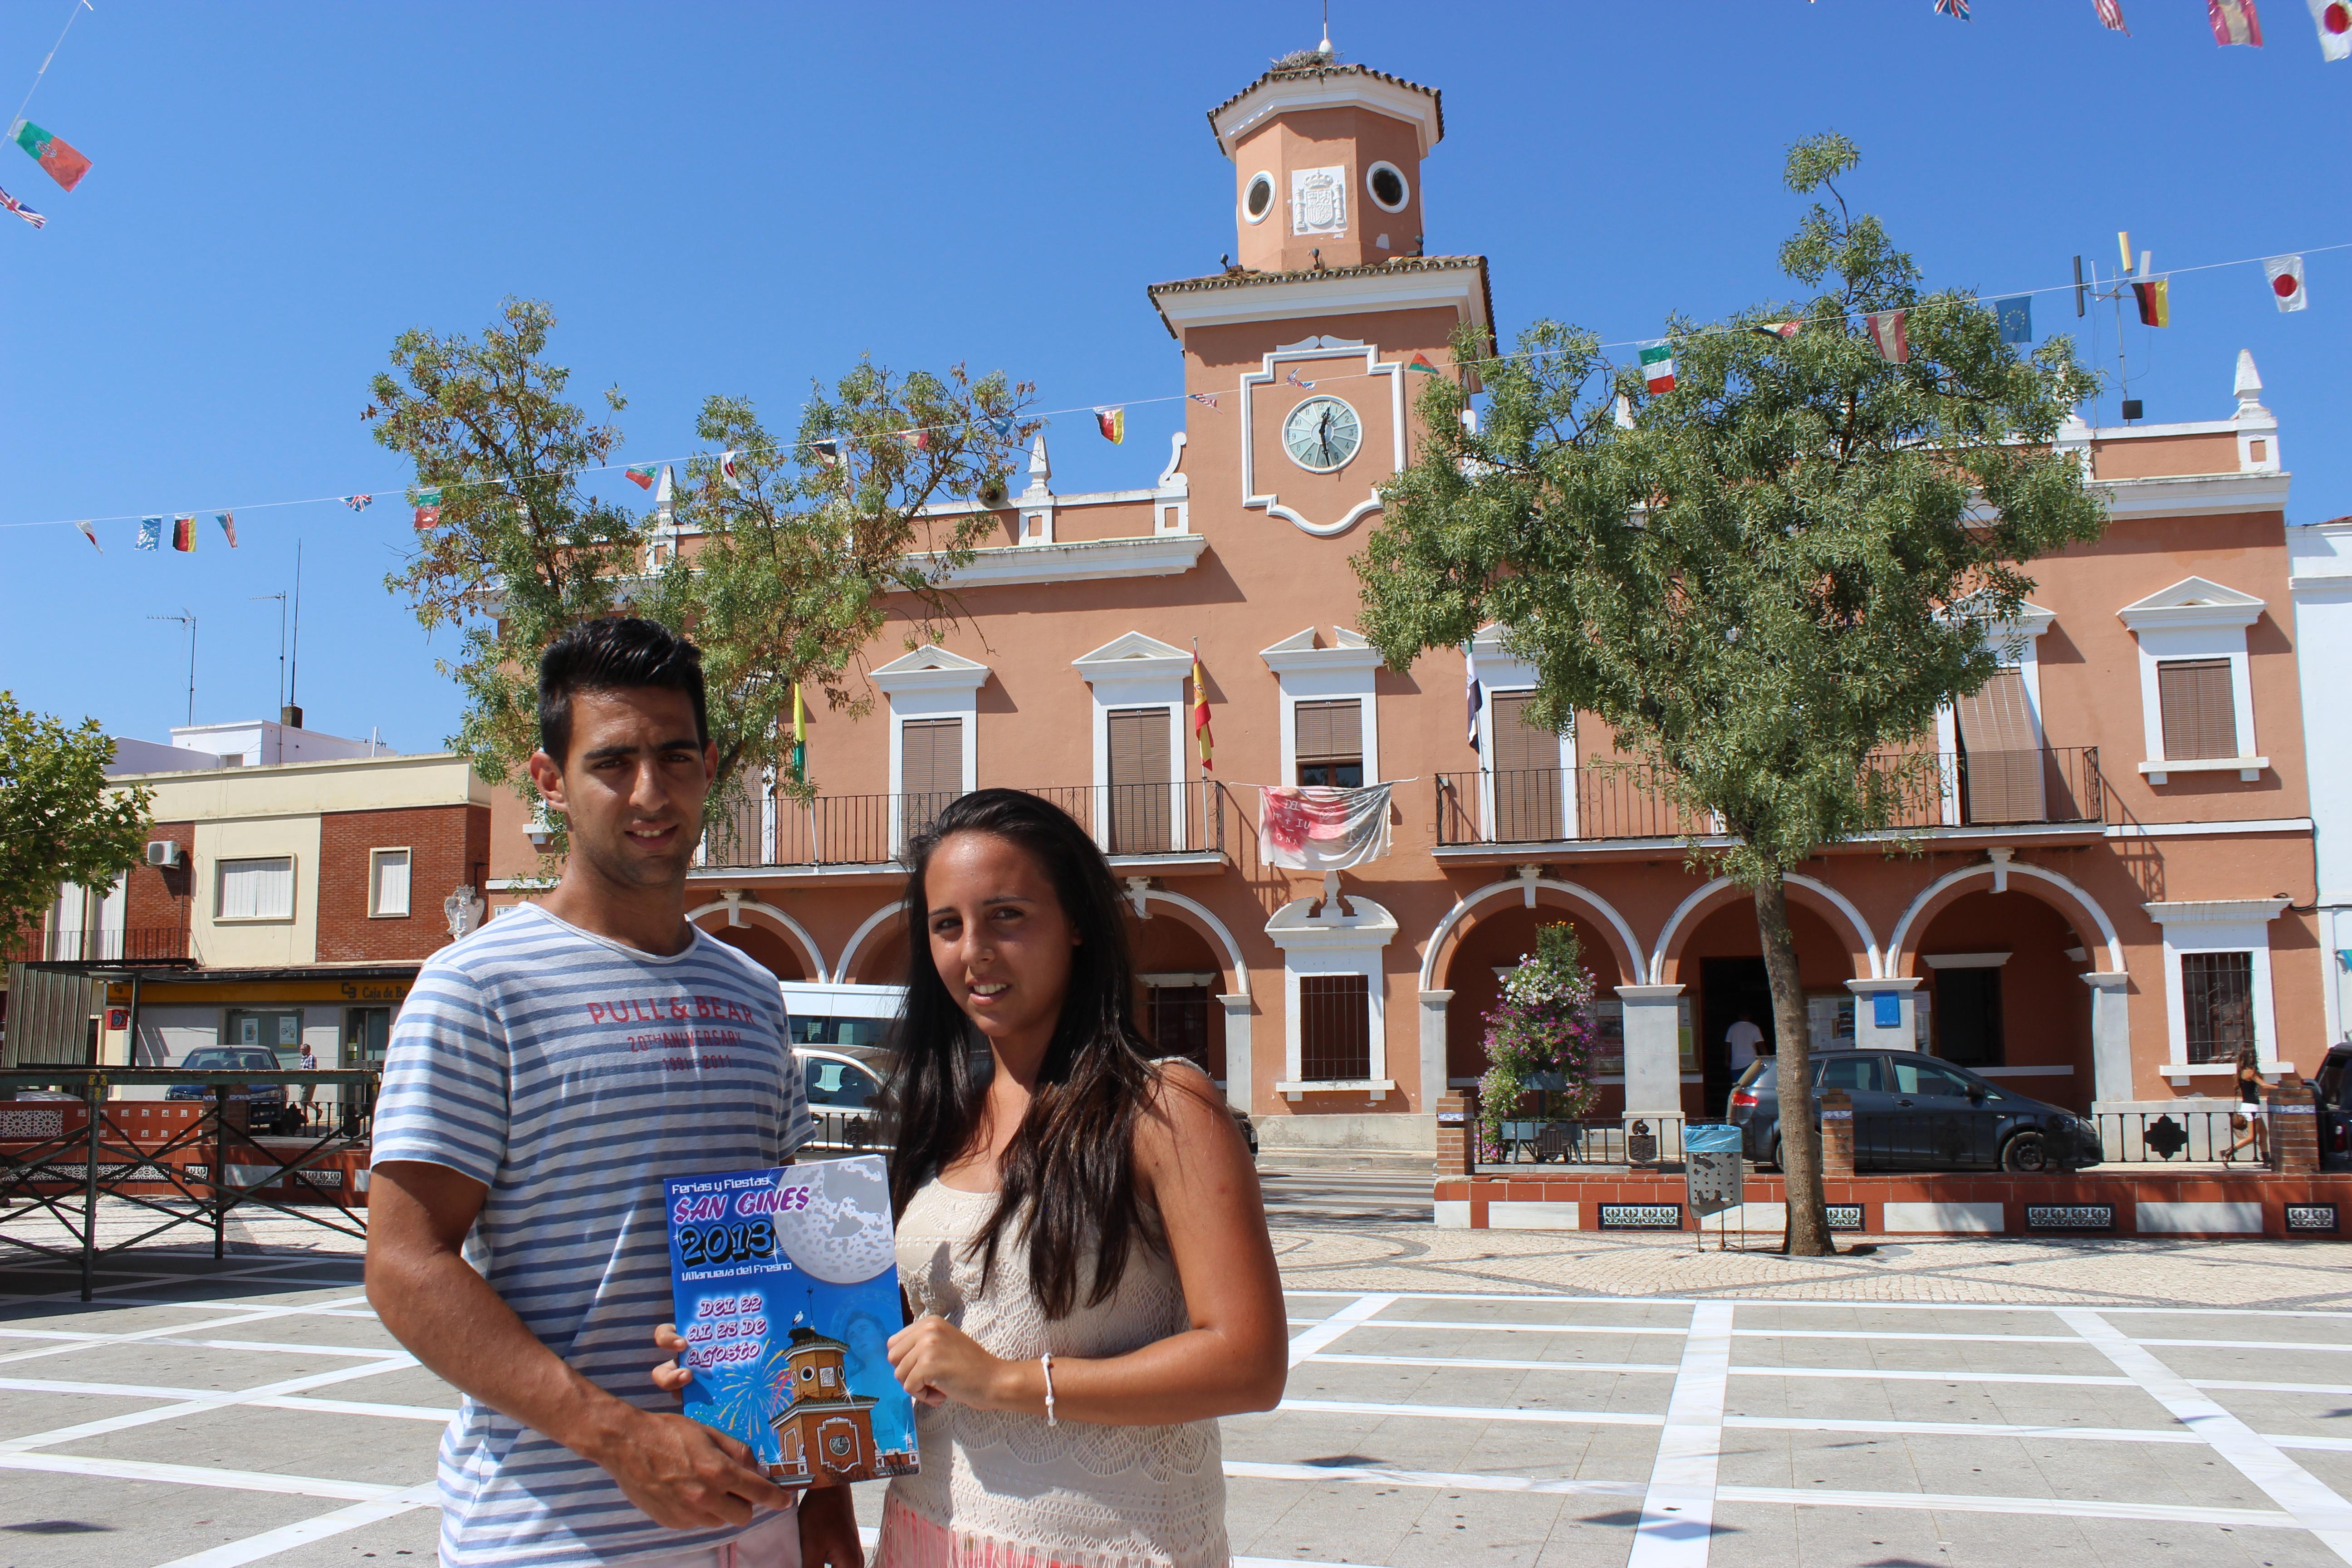 Janira Moreno Gallego, ganadora del cartel anunciador de las Ferias y Fiestas de San Ginés